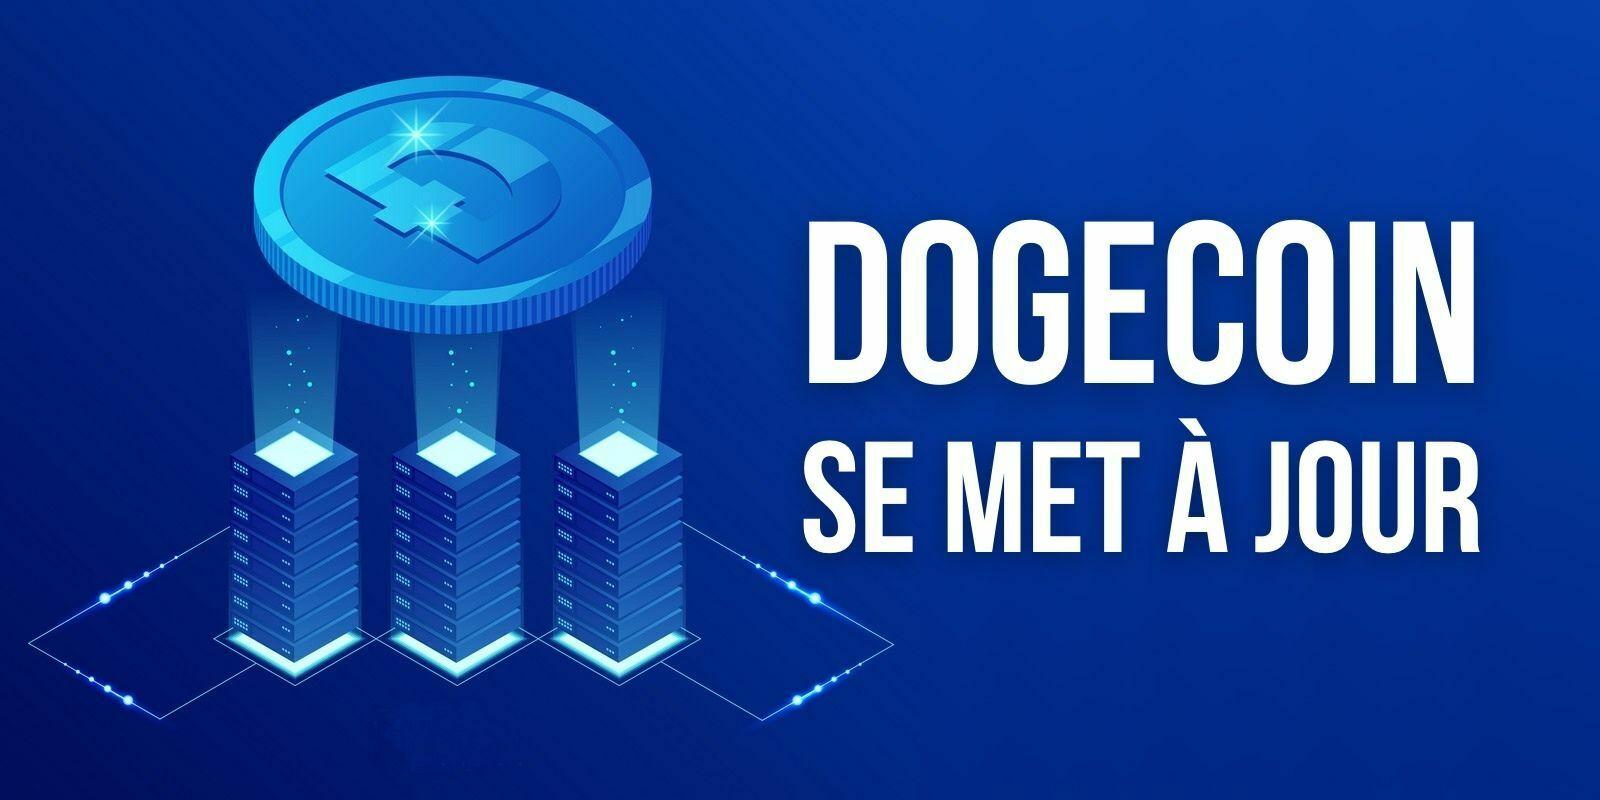 Dogecoin (DOGE) se met à jour – L'enthousiasme va-t-il durer?